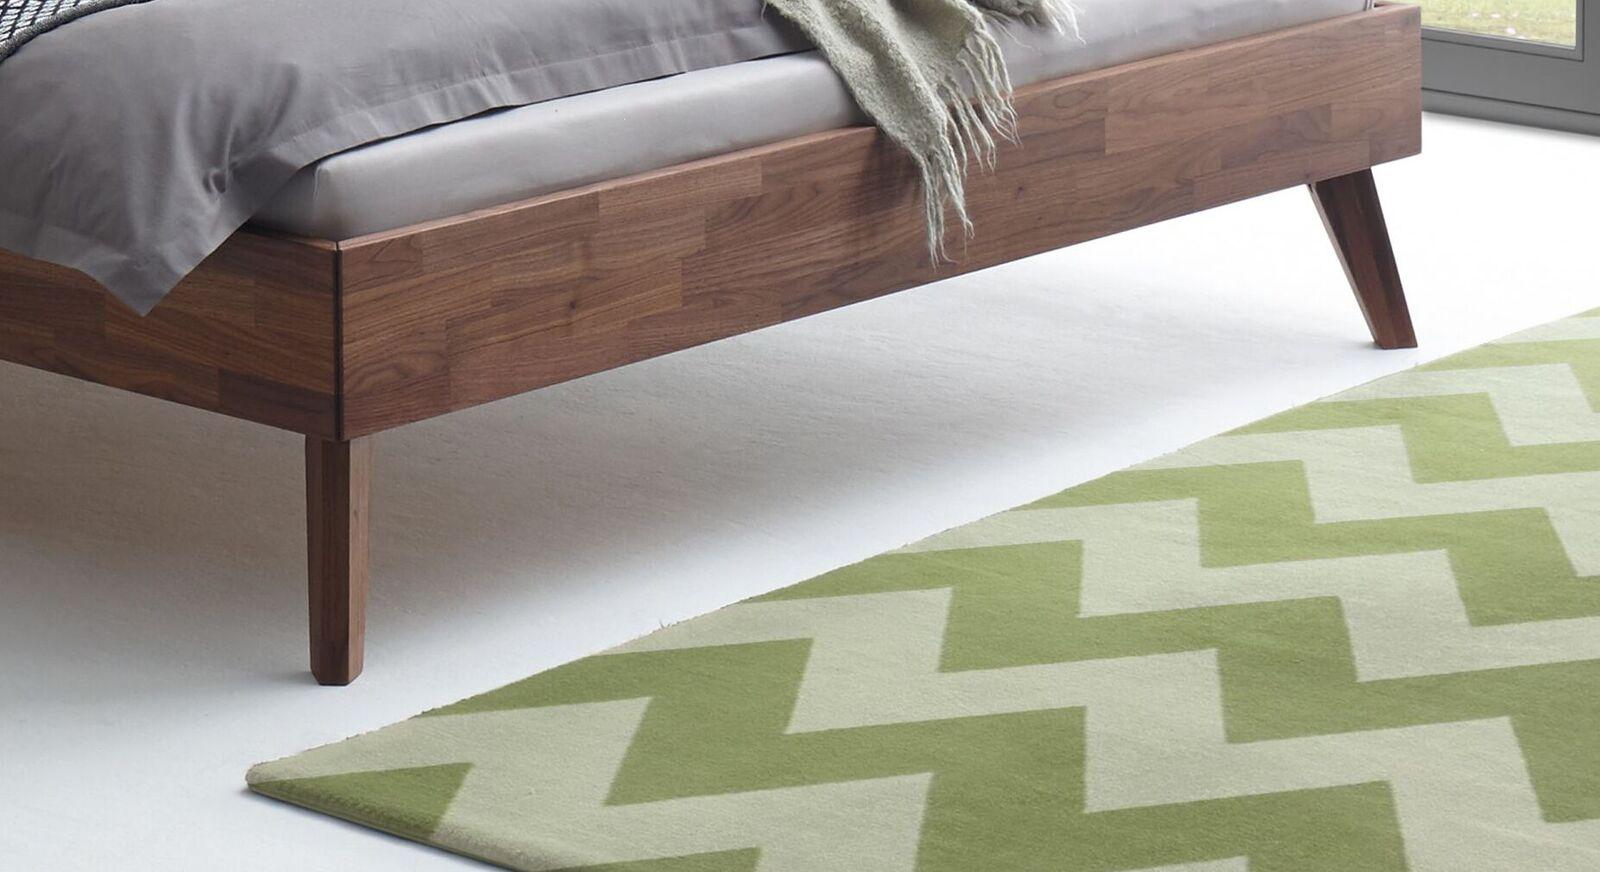 Bett Carman mit ausgestellten Bettbeinen aus Holz